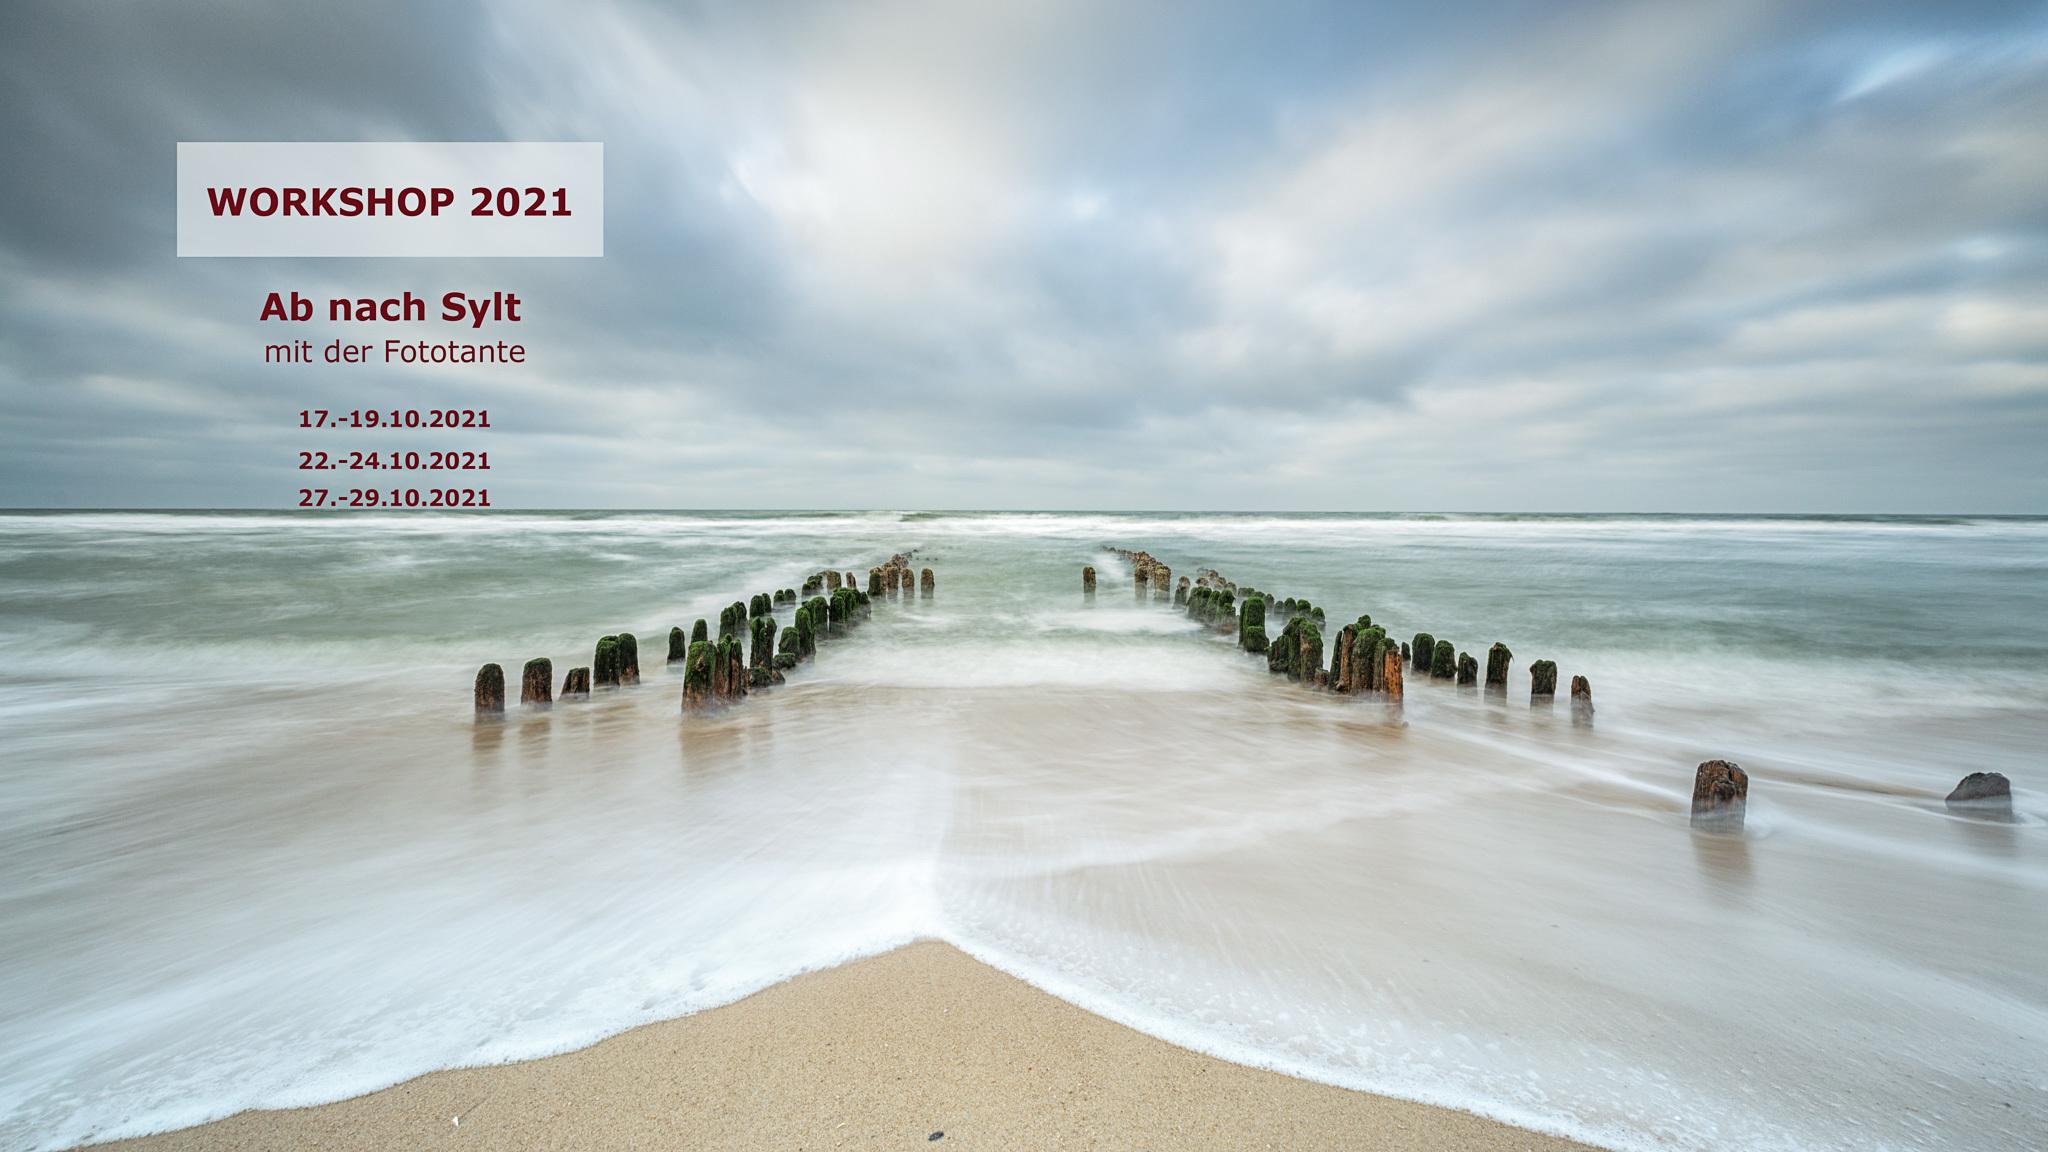 Workshop-fototante-Sylt-2021.jpg#asset:2470